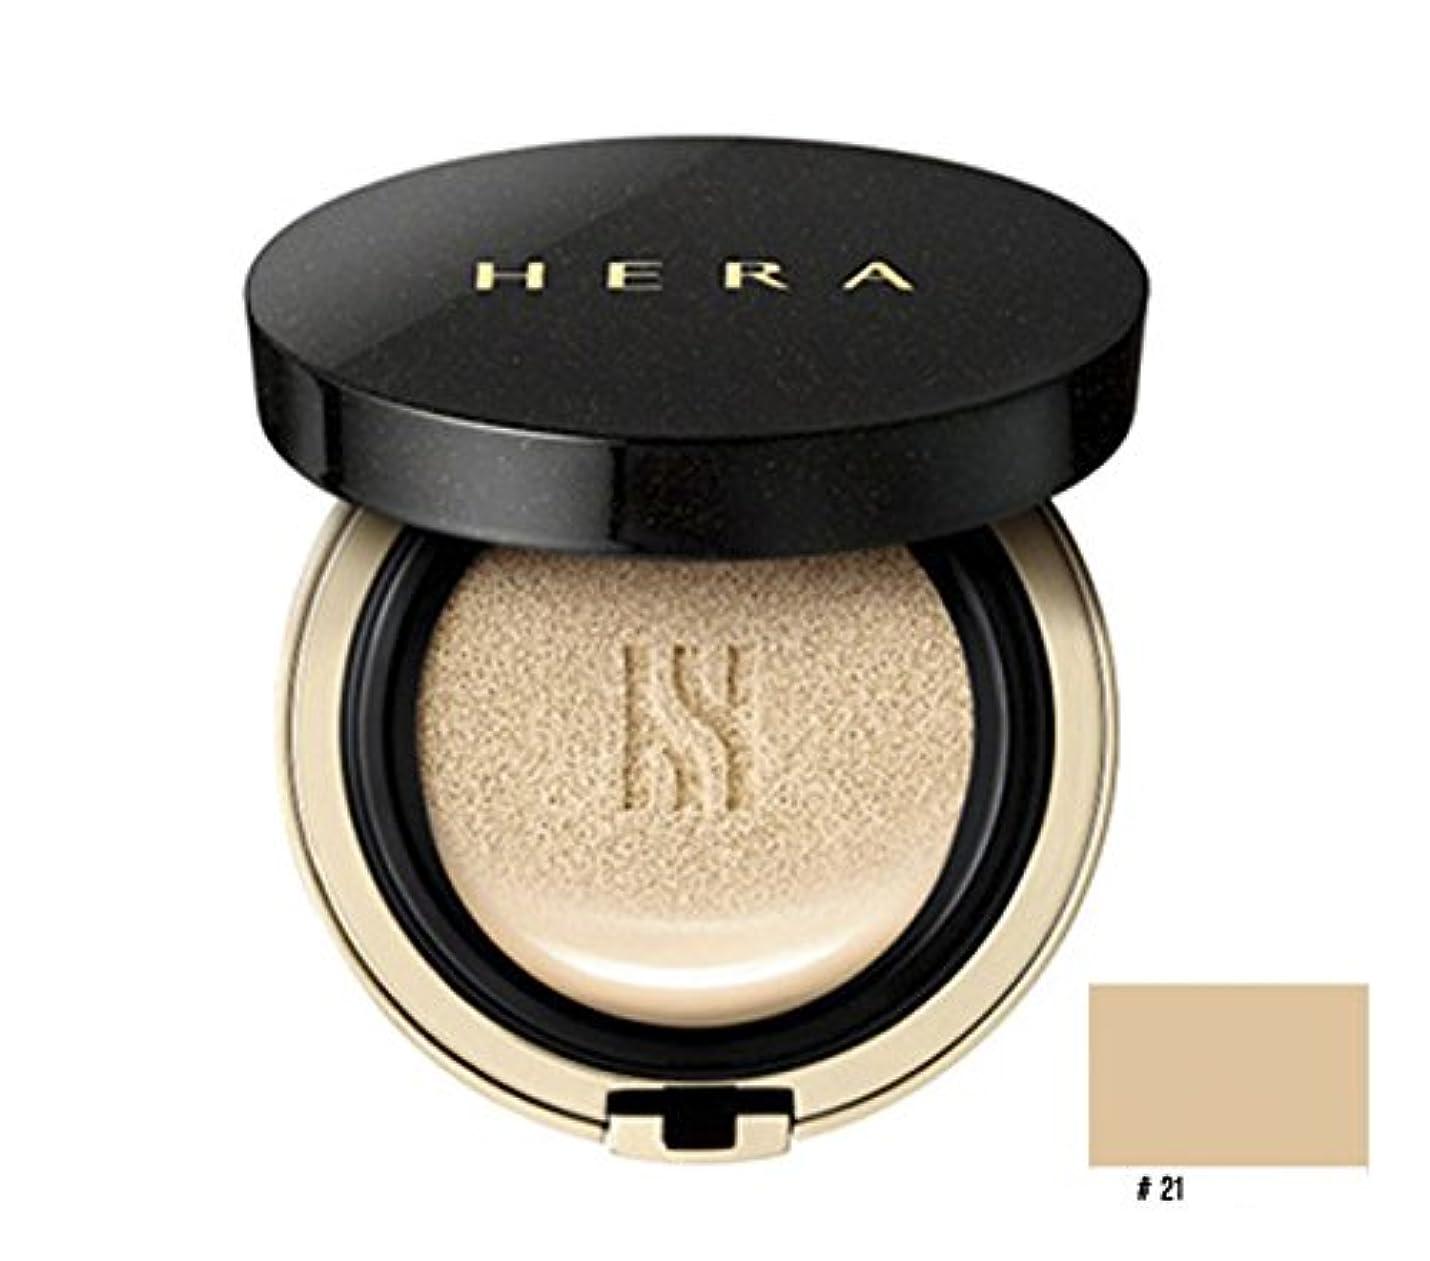 頬骨スプリット乳製品Hera ブラッククッション SPF34/PA++ 本品15g+リフィール15g / Black Cushion SPF34/PA++ 15g+Refil15g (No.21 banila) (韓国直発送) + Ochloo logo tag